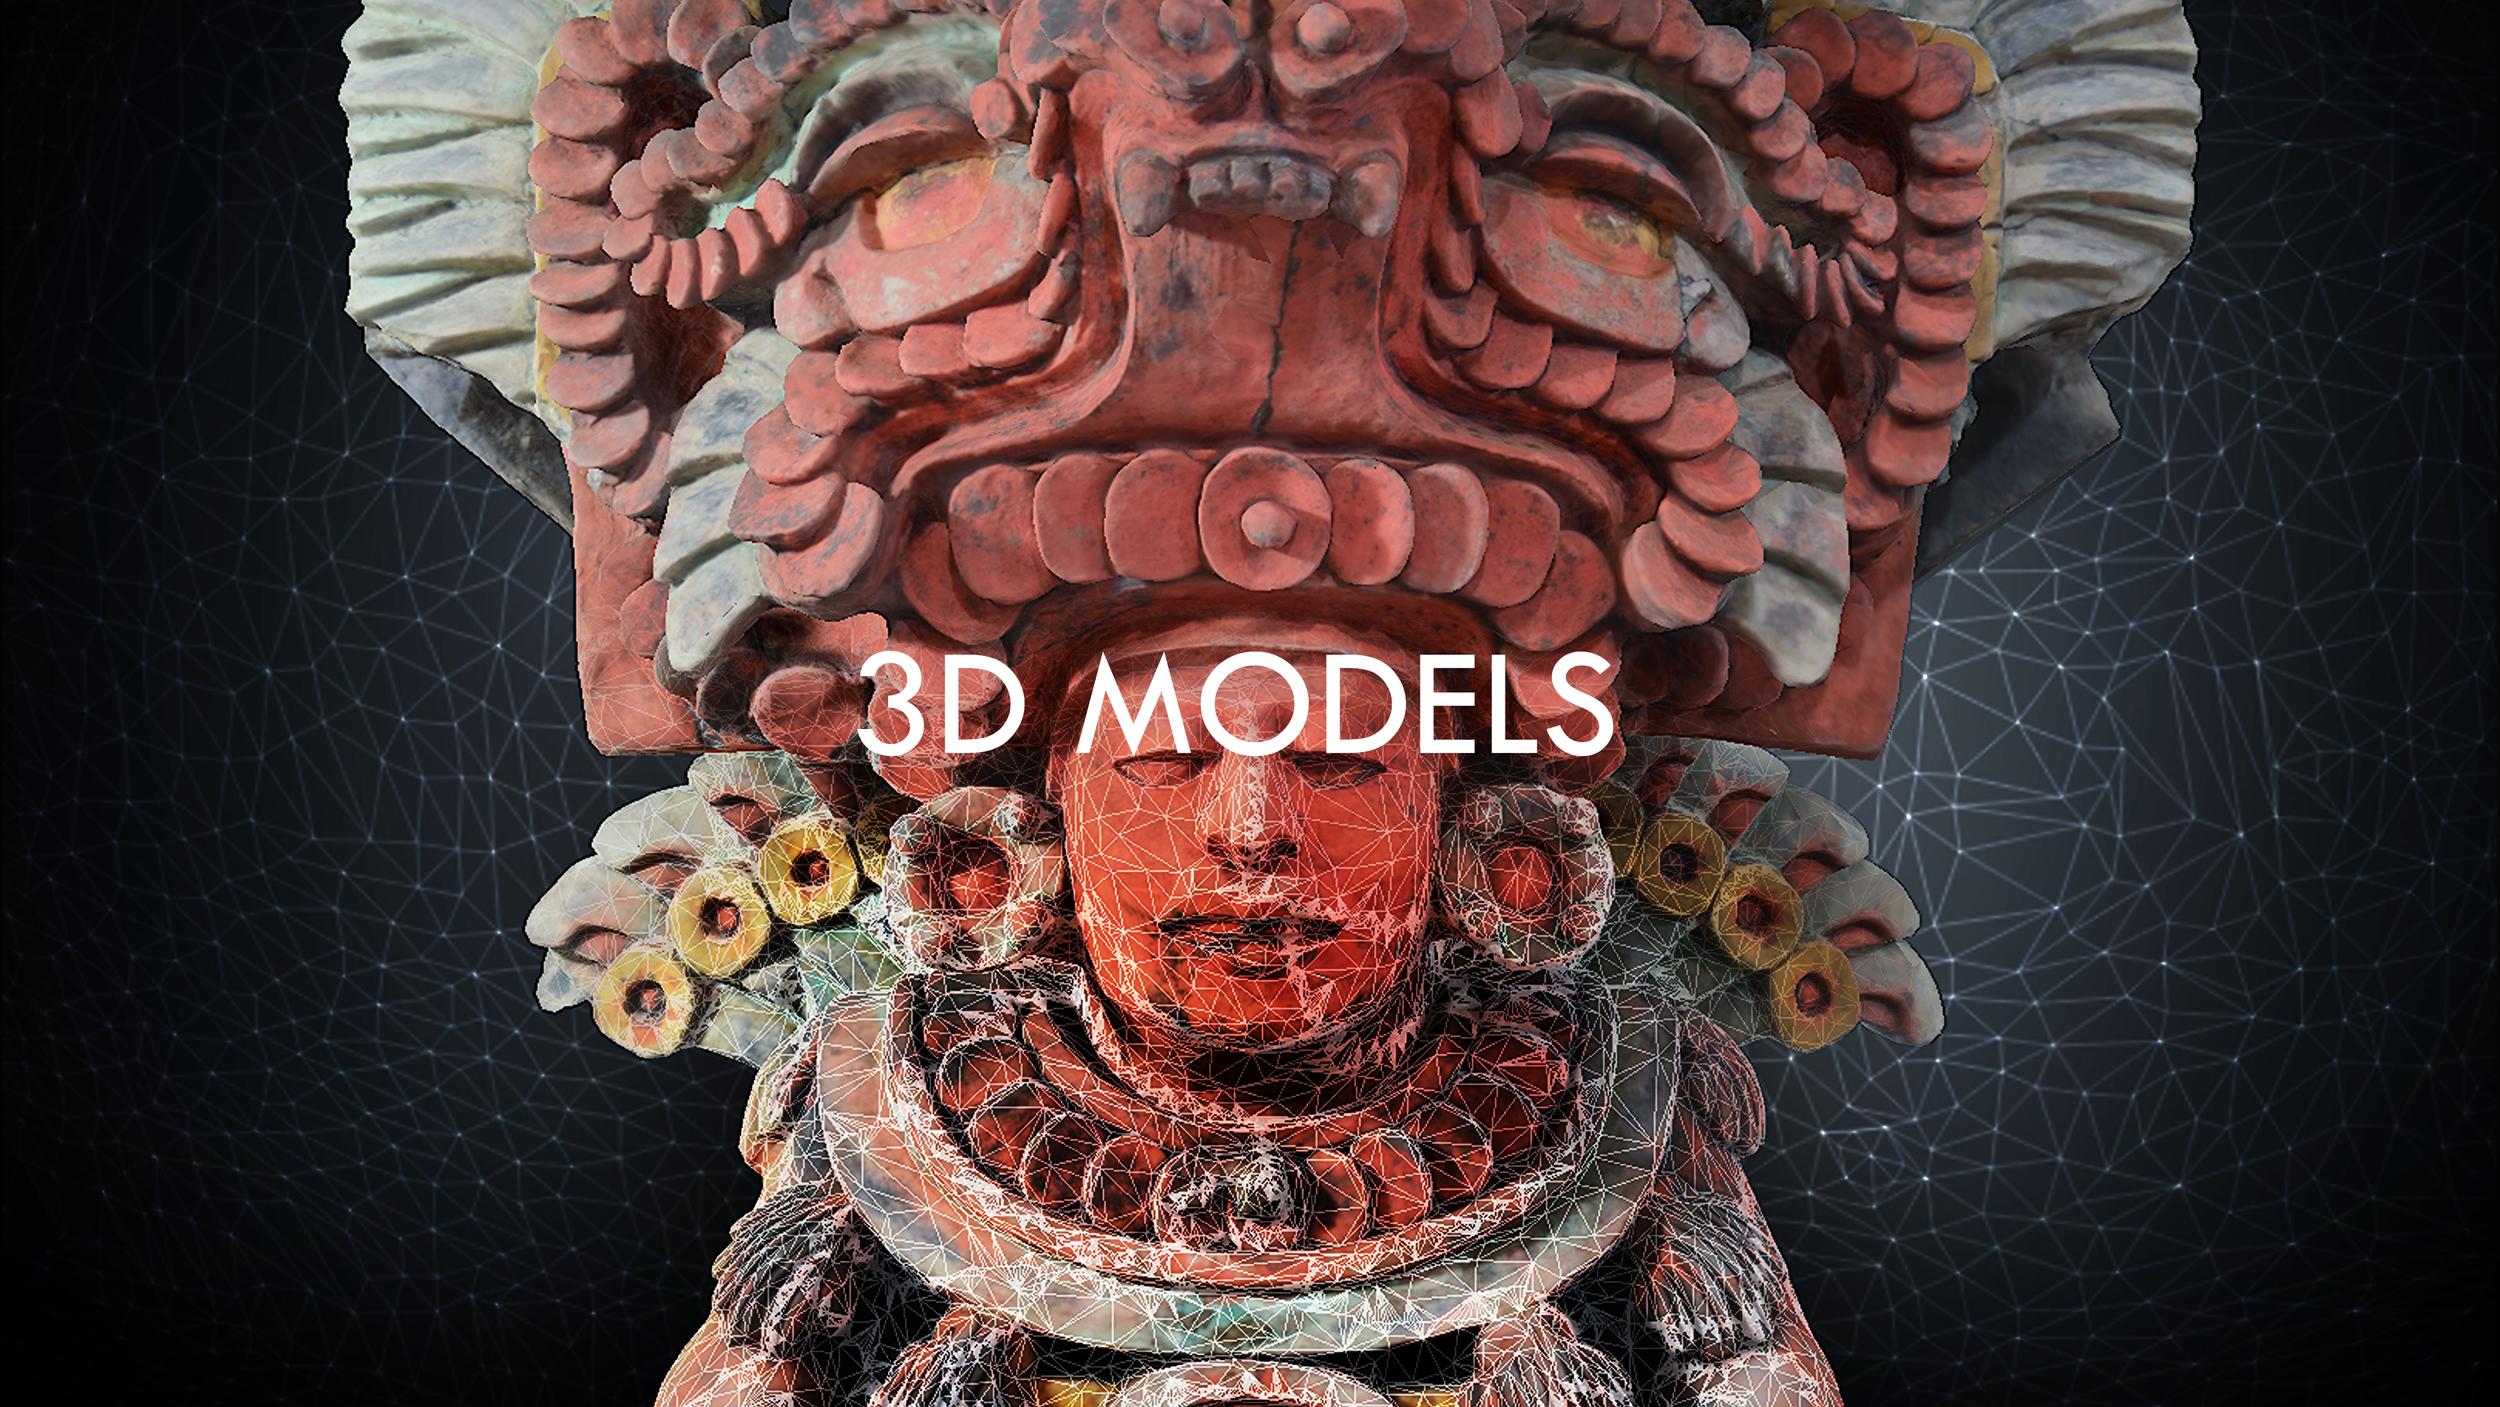 3dModelsText2.jpg